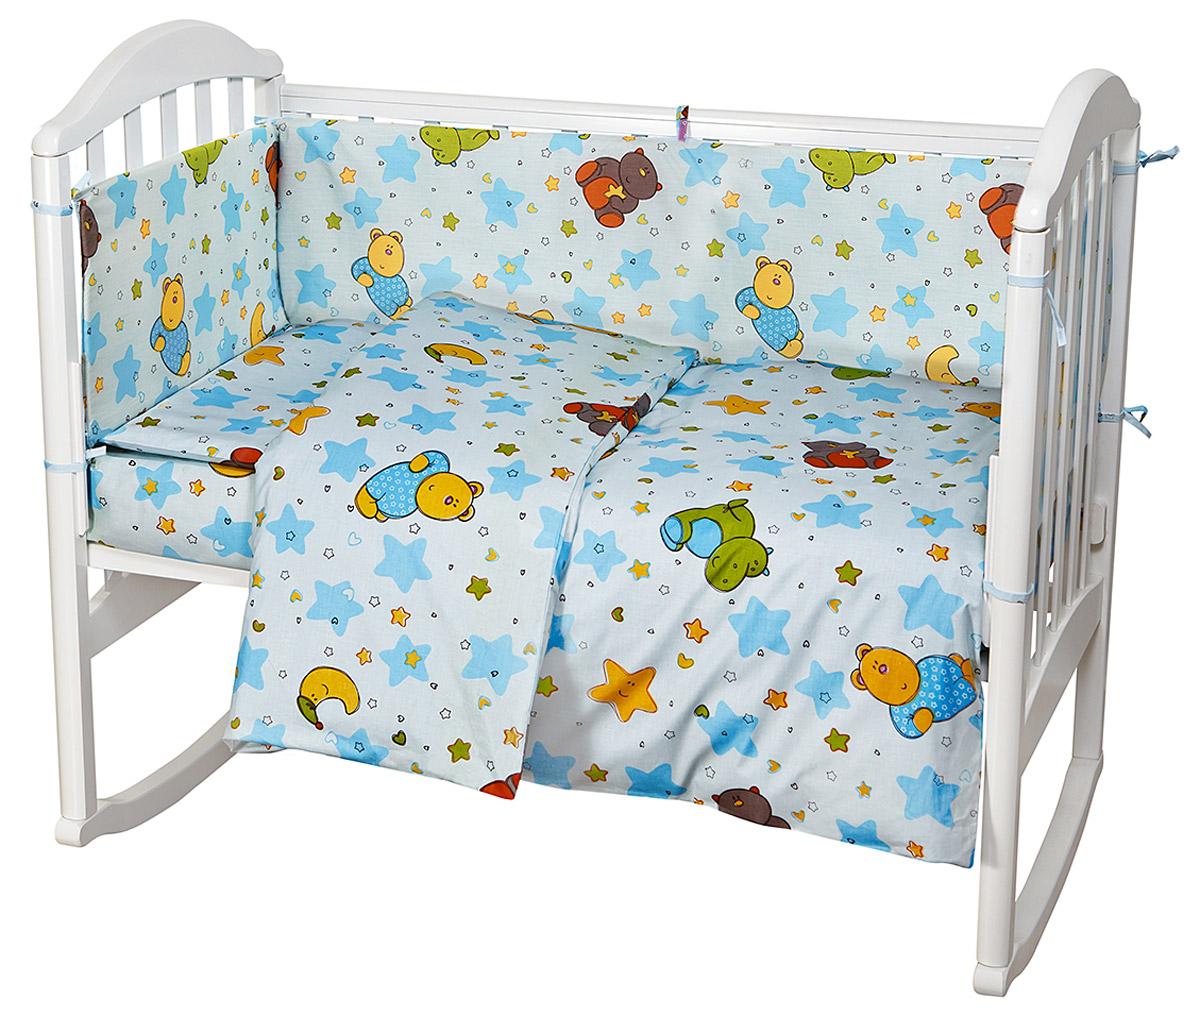 Baby Nice Детский комплект в кроватку Звездопад (КПБ, бязь, наволочка 40х60), цвет: голубойН613-03Комплект в кроватку Baby Nice Звездопад для самых маленьких изготовлен только из самой качественной ткани, самой безопасной и гигиеничной, самой экологичной и гипоаллергенной. Отлично подходит для кроваток малышей, которые часто двигаются во сне. Хлопковое волокно прекрасно переносит стирку, быстро сохнет и не требует особого ухода, не линяет и не вытягивается. Ткань прошла специальную обработку по умягчению, что сделало её невероятно мягкой и приятной к телу. Комплект создаст дополнительный комфорт и уют ребенку. Родителям не составит особого труда ухаживать за комплектом. Он превосходно стирается, легко гладится. Ваш малыш будет в восторге от такого необыкновенного постельного набора! В комплект входит: одеяло, пододеяльник, подушка, наволочка, простынь на резинке, 4 борта.